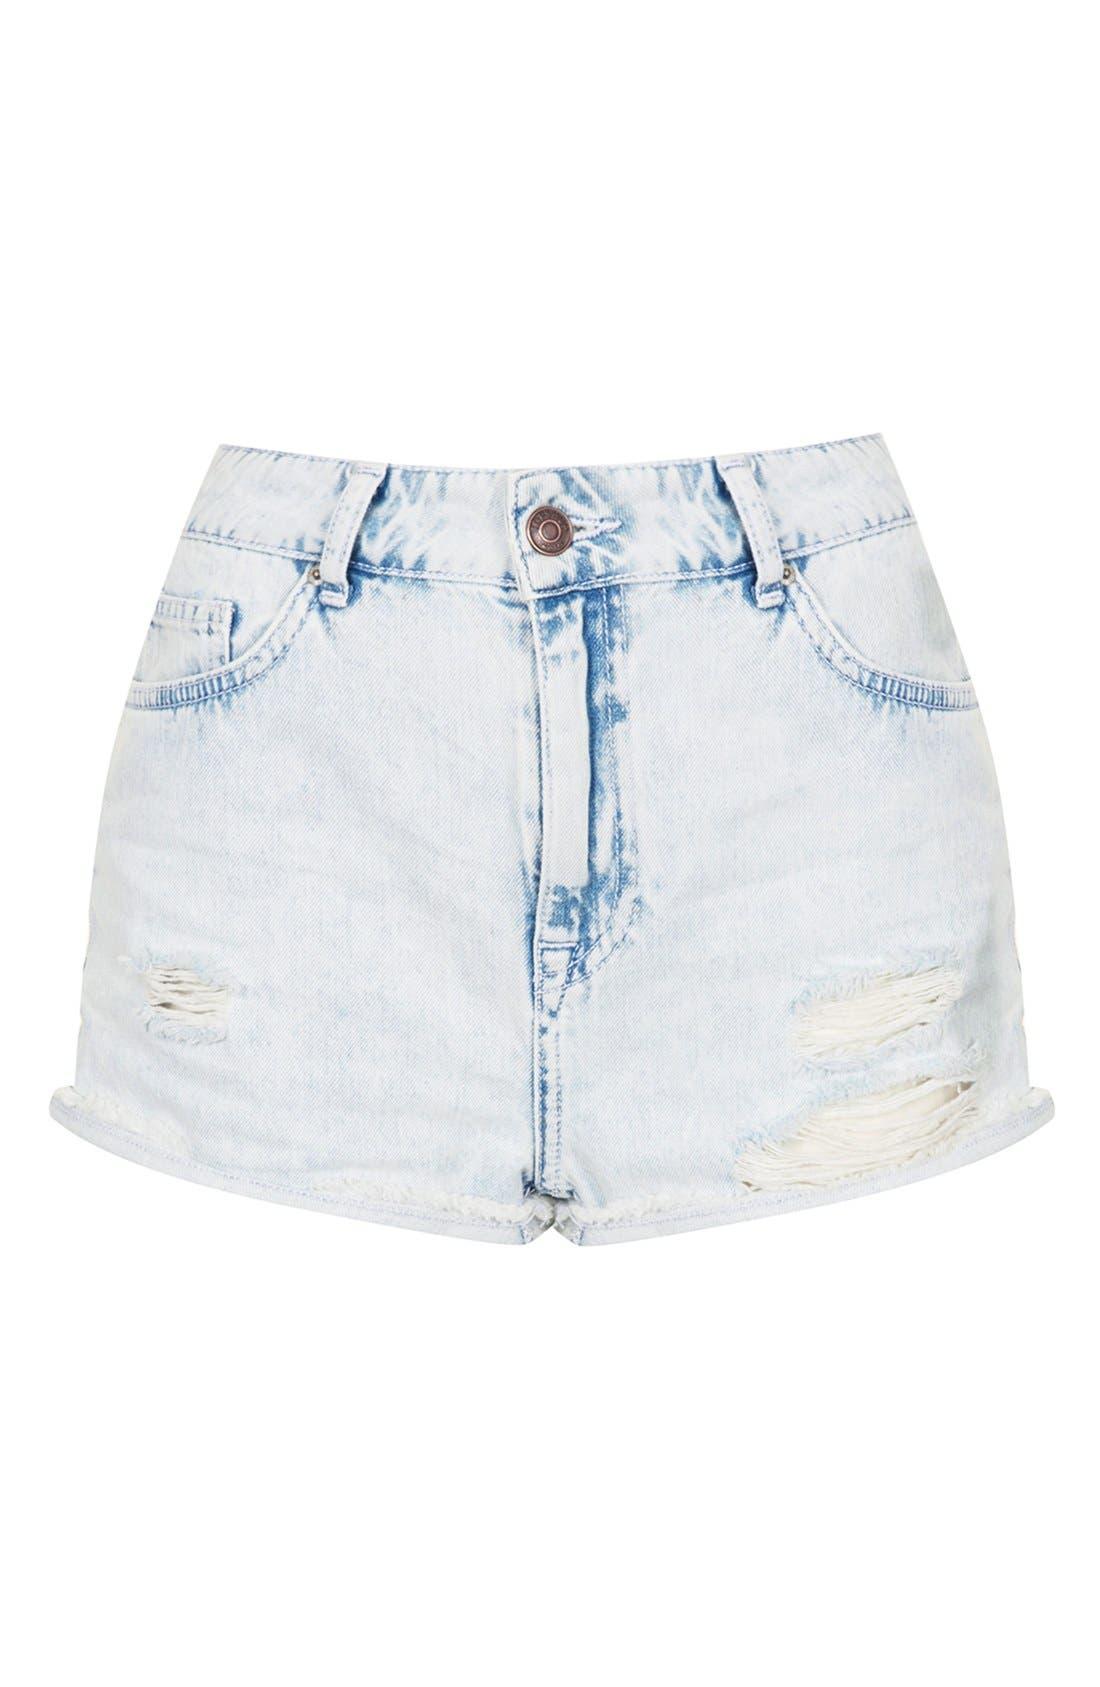 Alternate Image 3  - Topshop Moto 'Hallie' Destroyed Bleached Denim Shorts